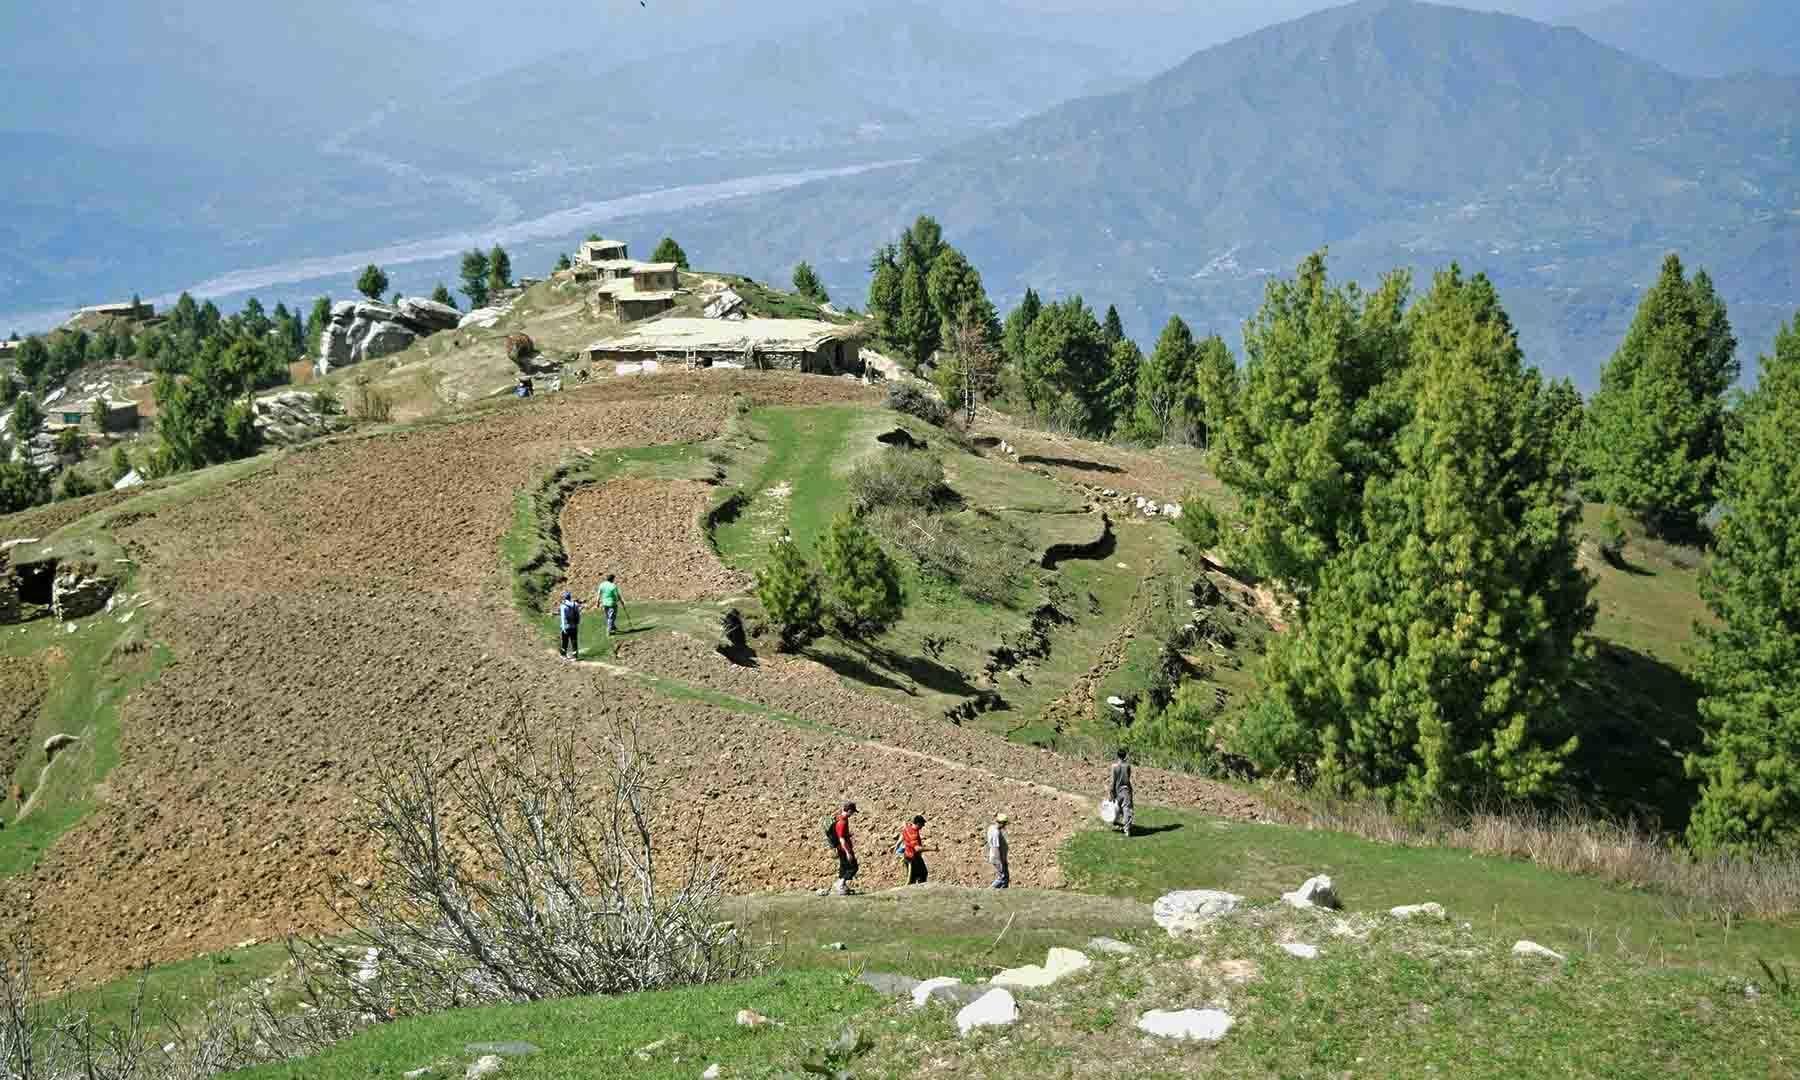 جھیل کے ساتھ آبادی کا منظر—تصویر امجد علی سحاب